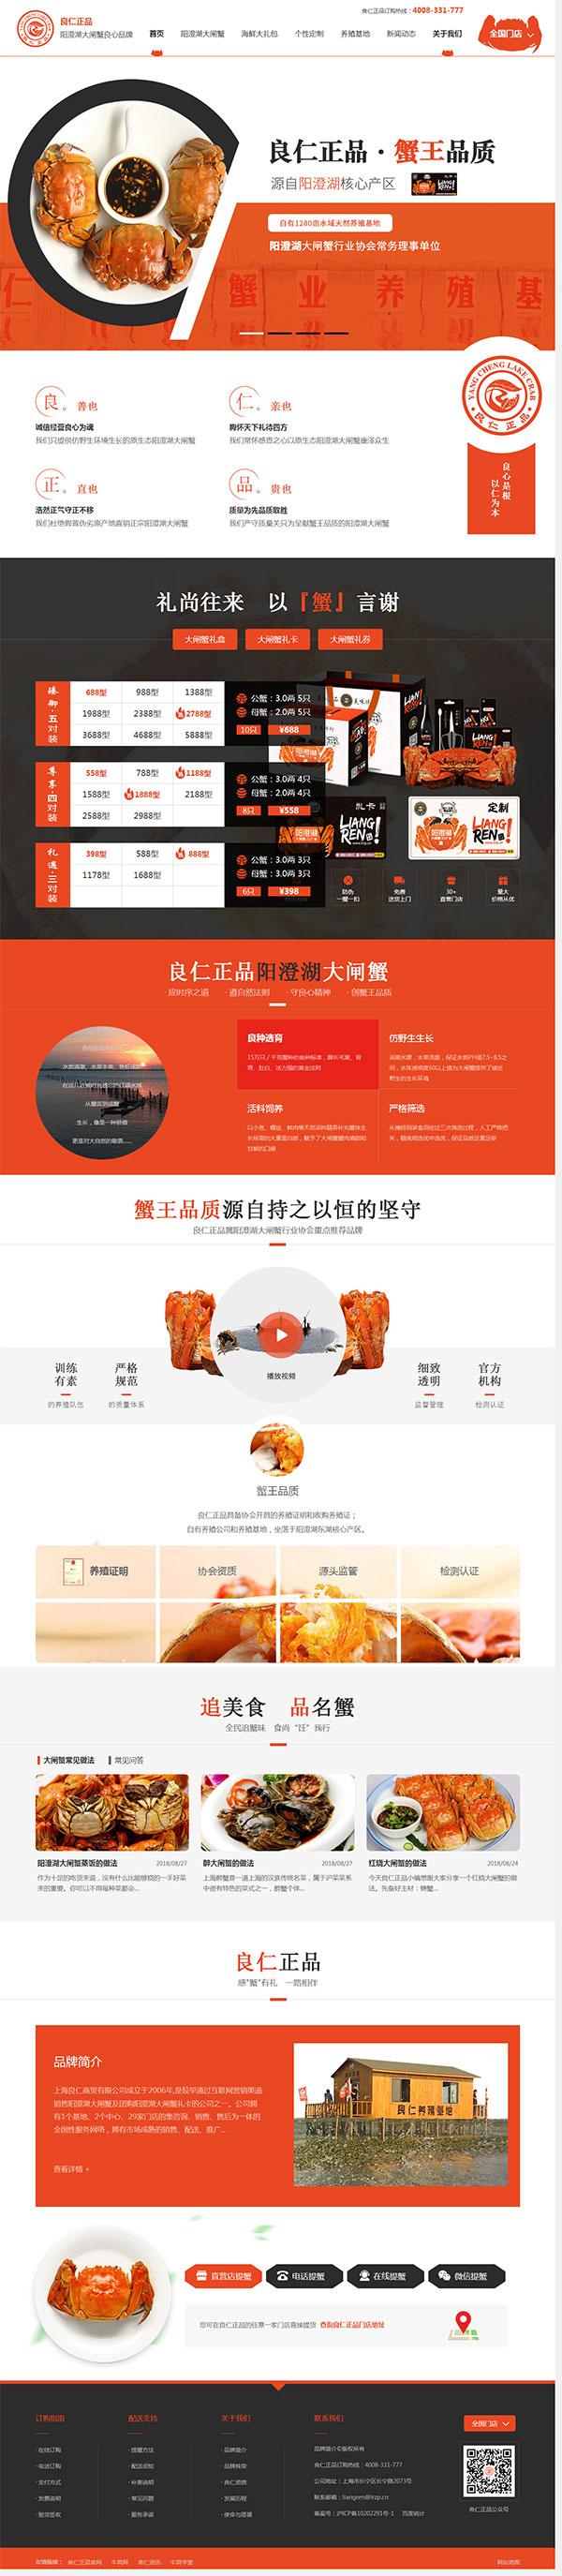 良仁大闸蟹-营销型新会员白菜网送体验金页面